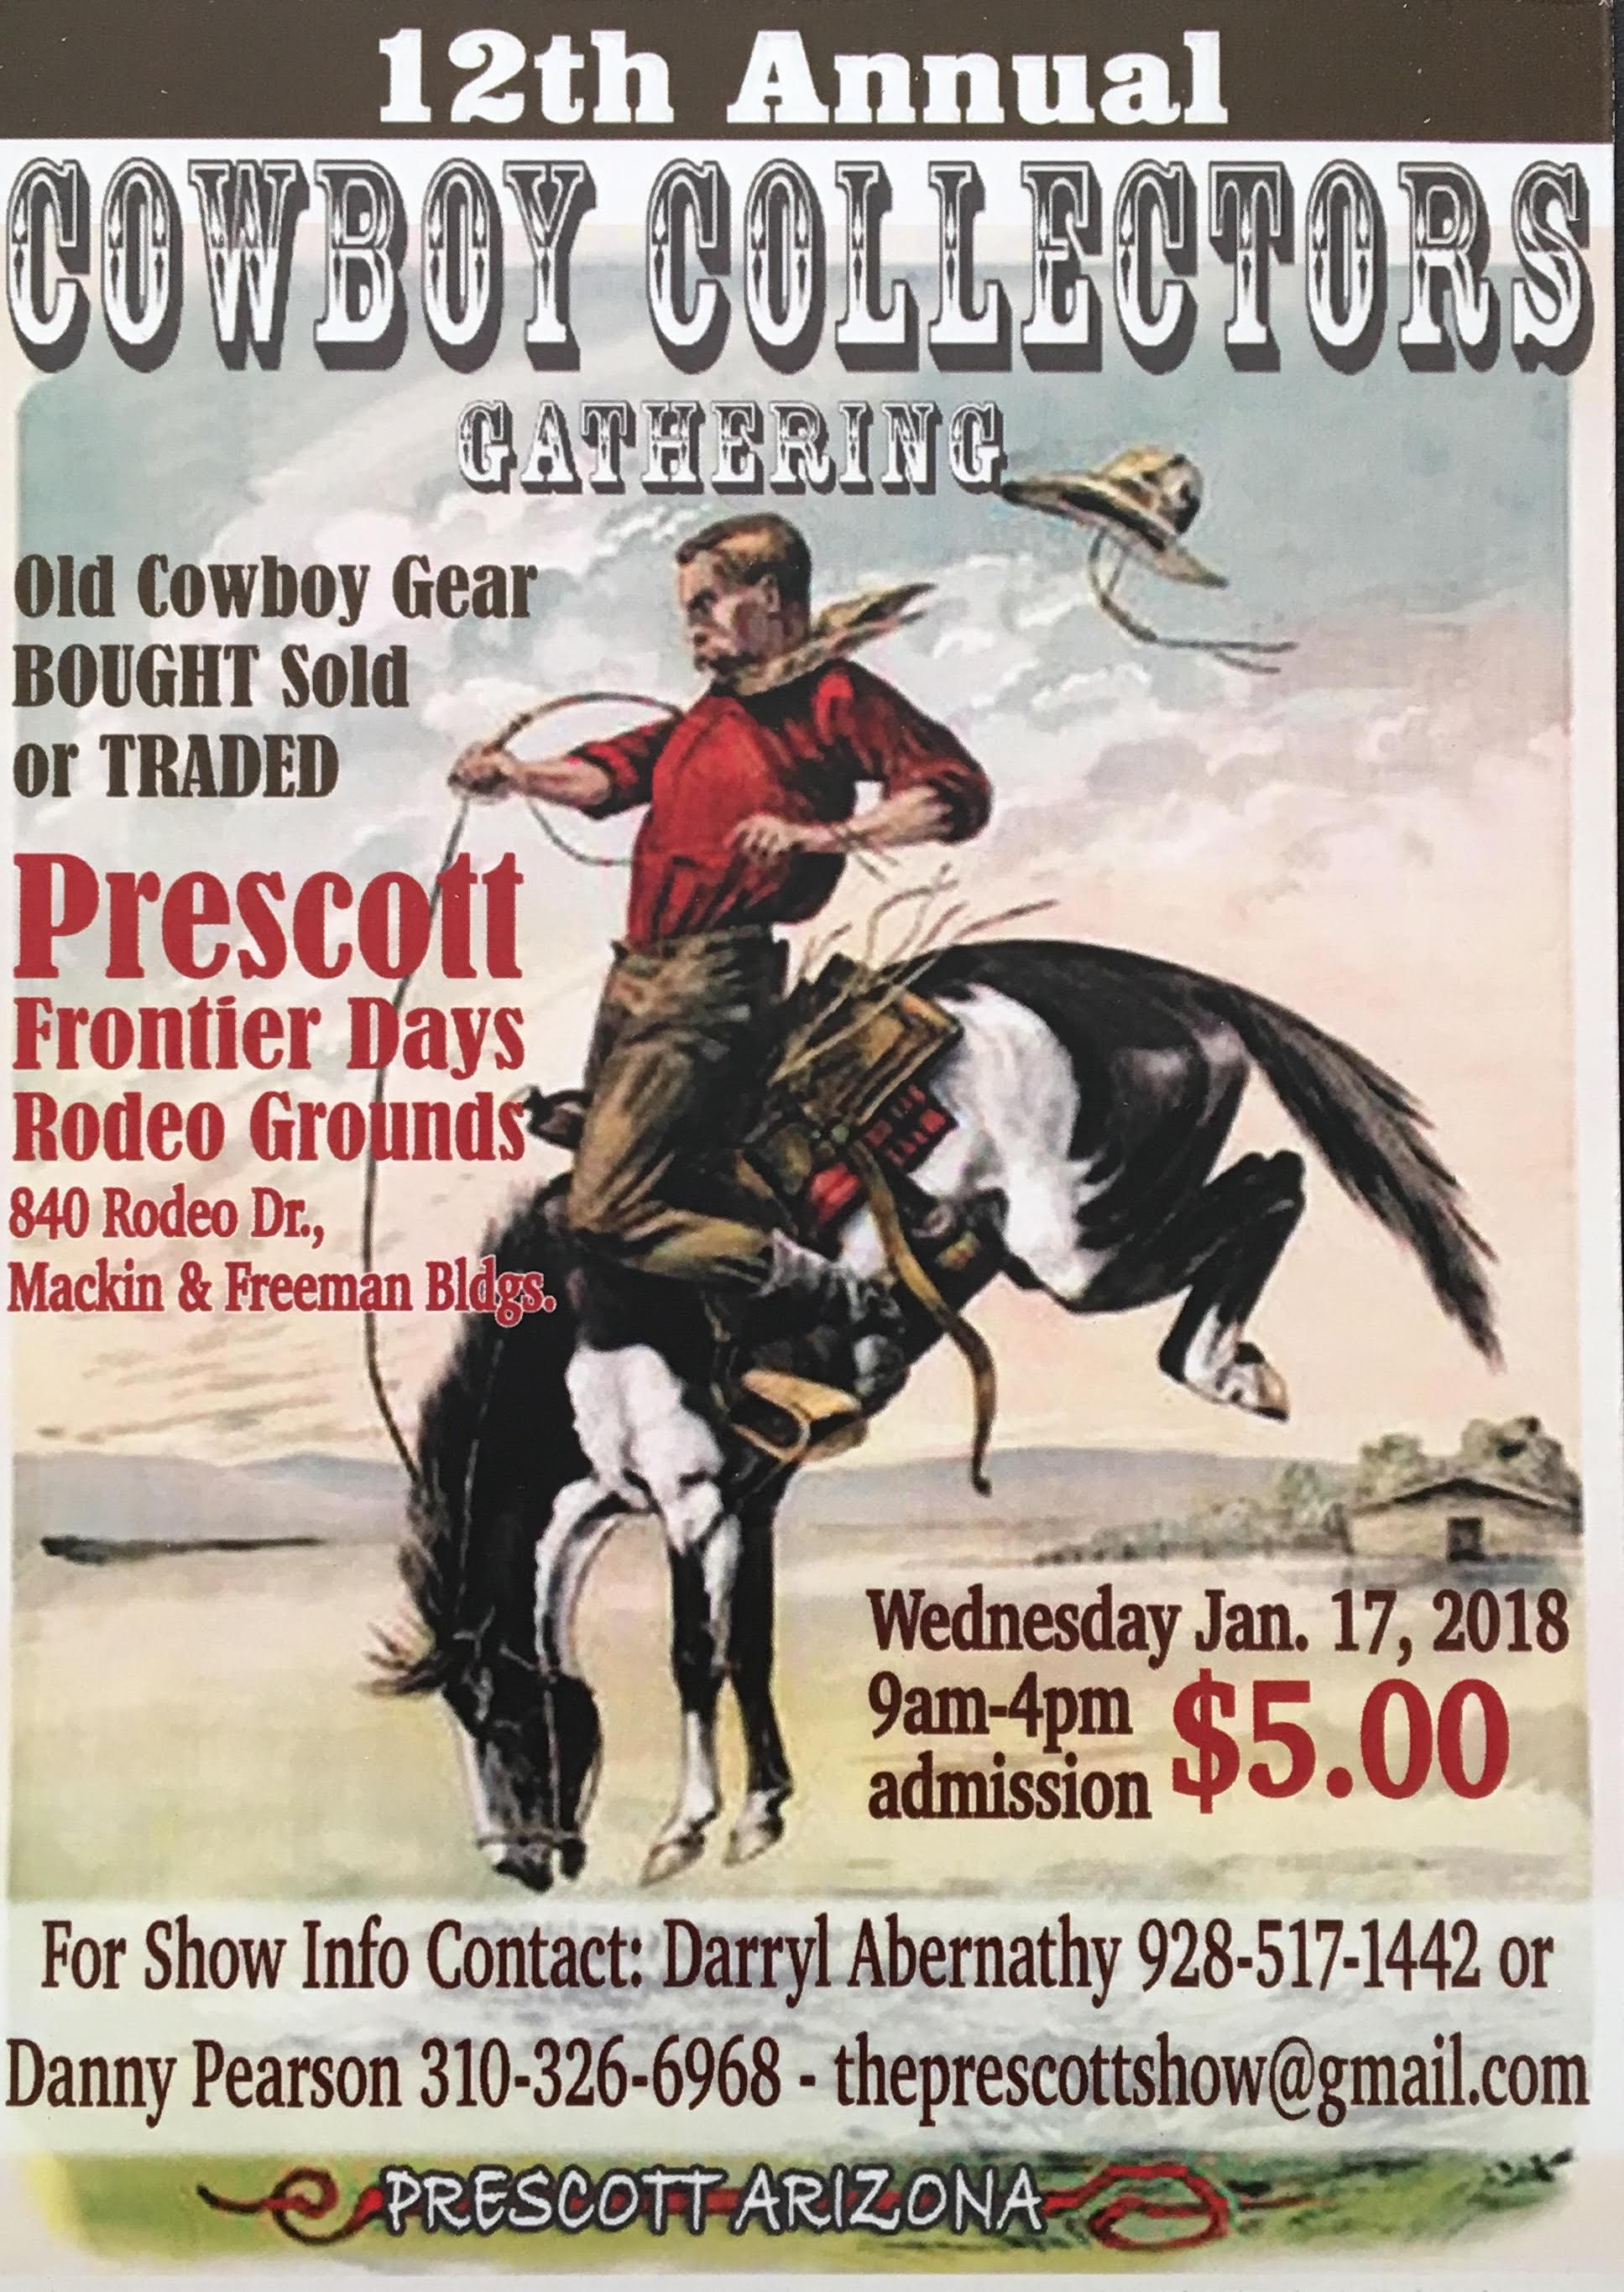 Cowboy Collectors Show